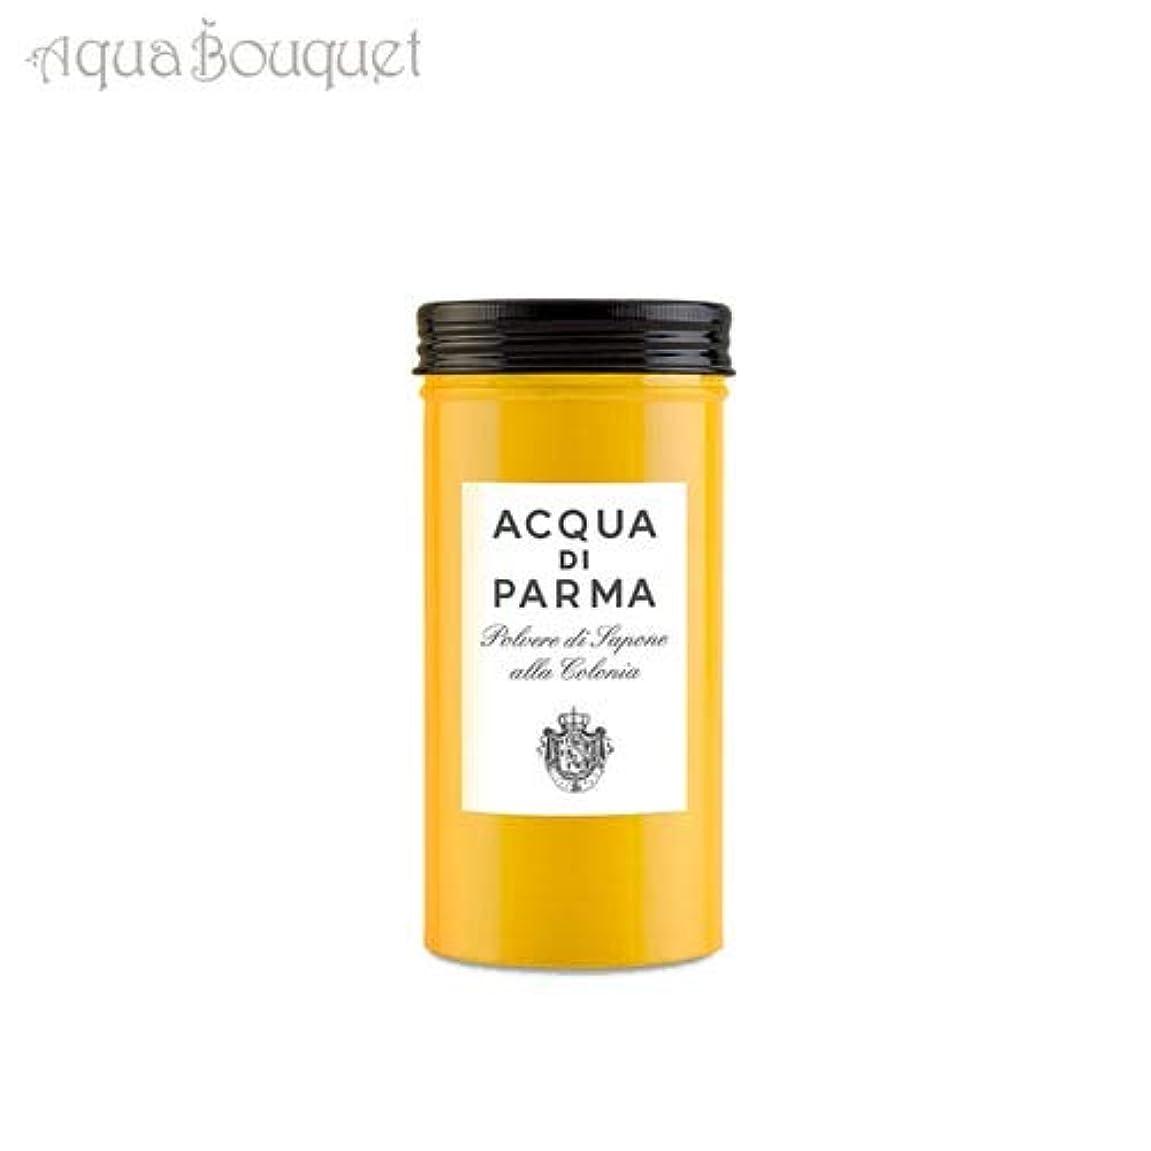 悲観的民兵性差別アクア ディ パルマ コロニア パウダーソープ 70g ACQUA DI PARMA COLONIA POWDER SOAP [0422] [並行輸入品]